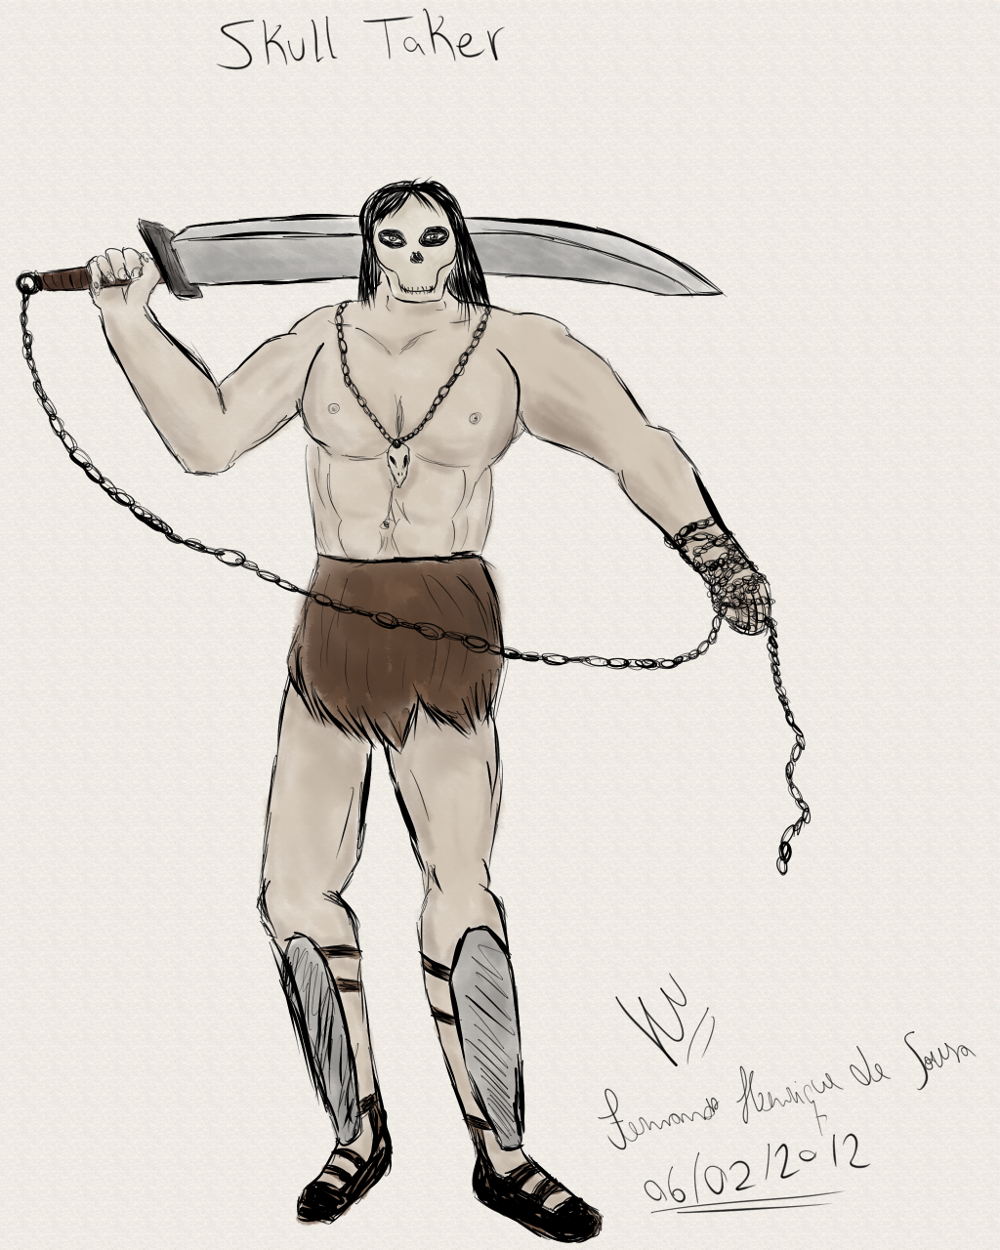 Kranak, the skull taker